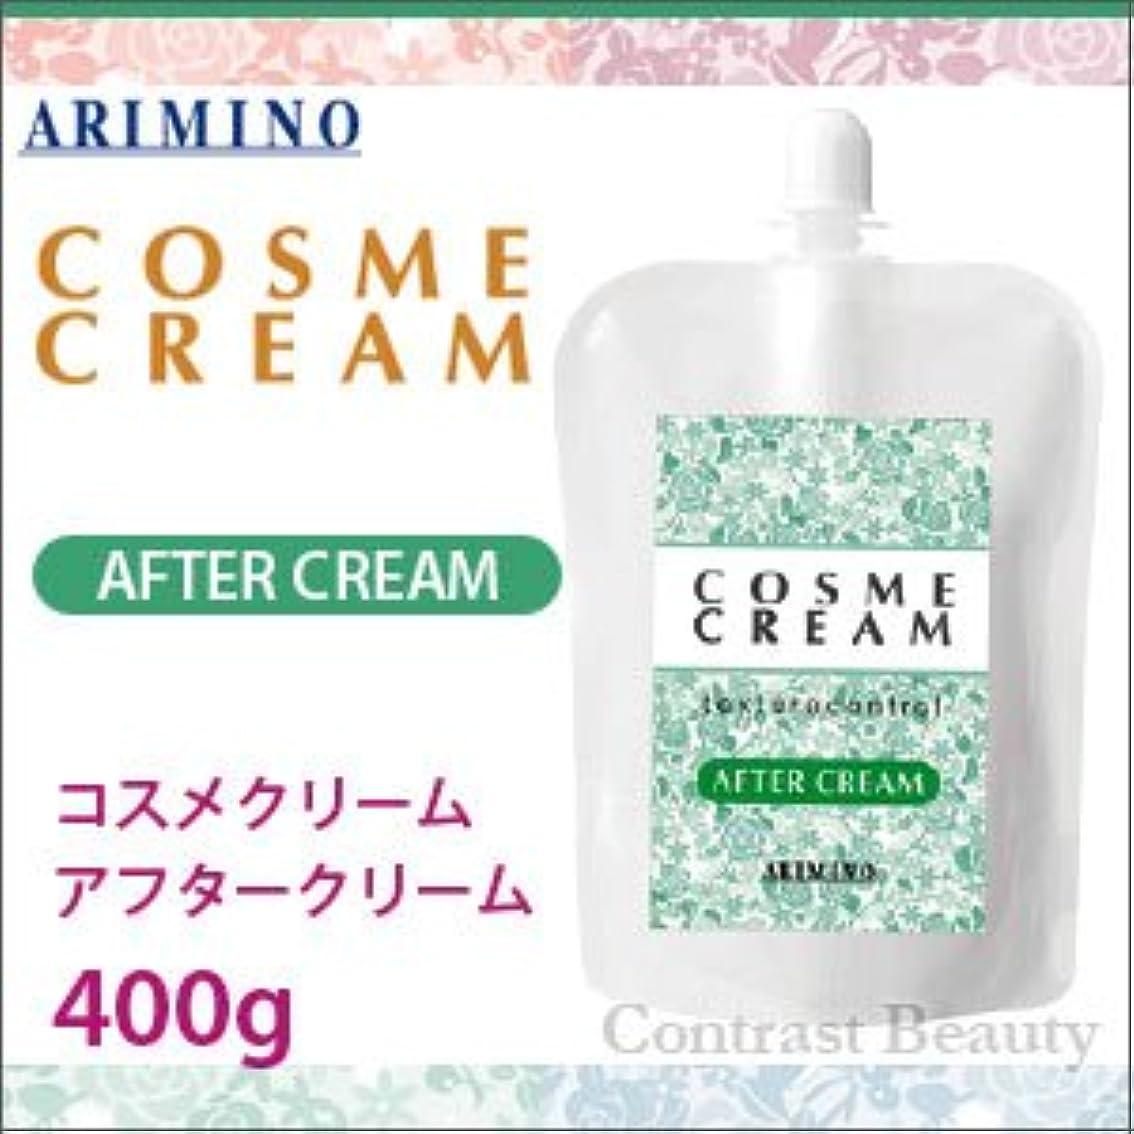 独占価値ピストンアリミノ コスメクリーム アフタークリーム 400g